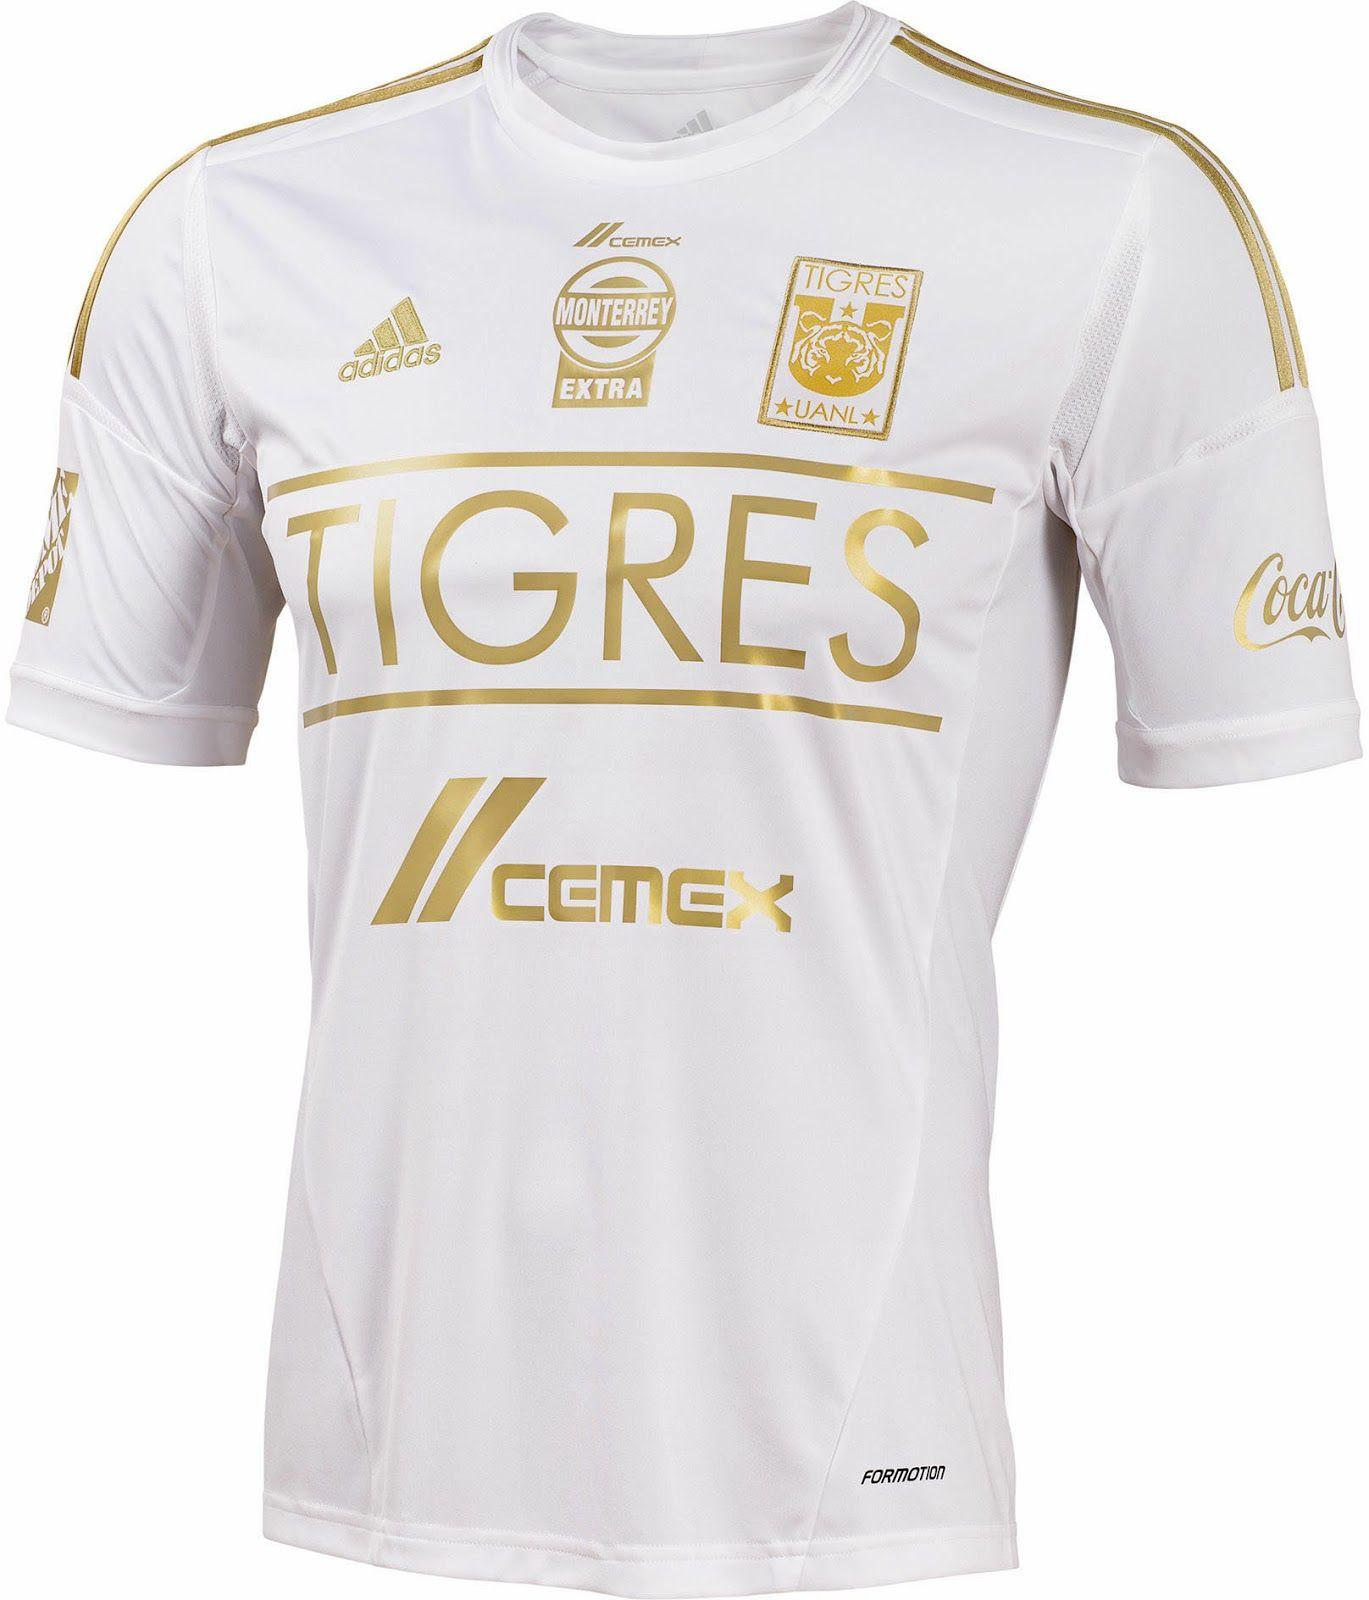 fb5af32783 CA Tigres de la UANL (Mexico) - 2014 Adidas Third Shirt